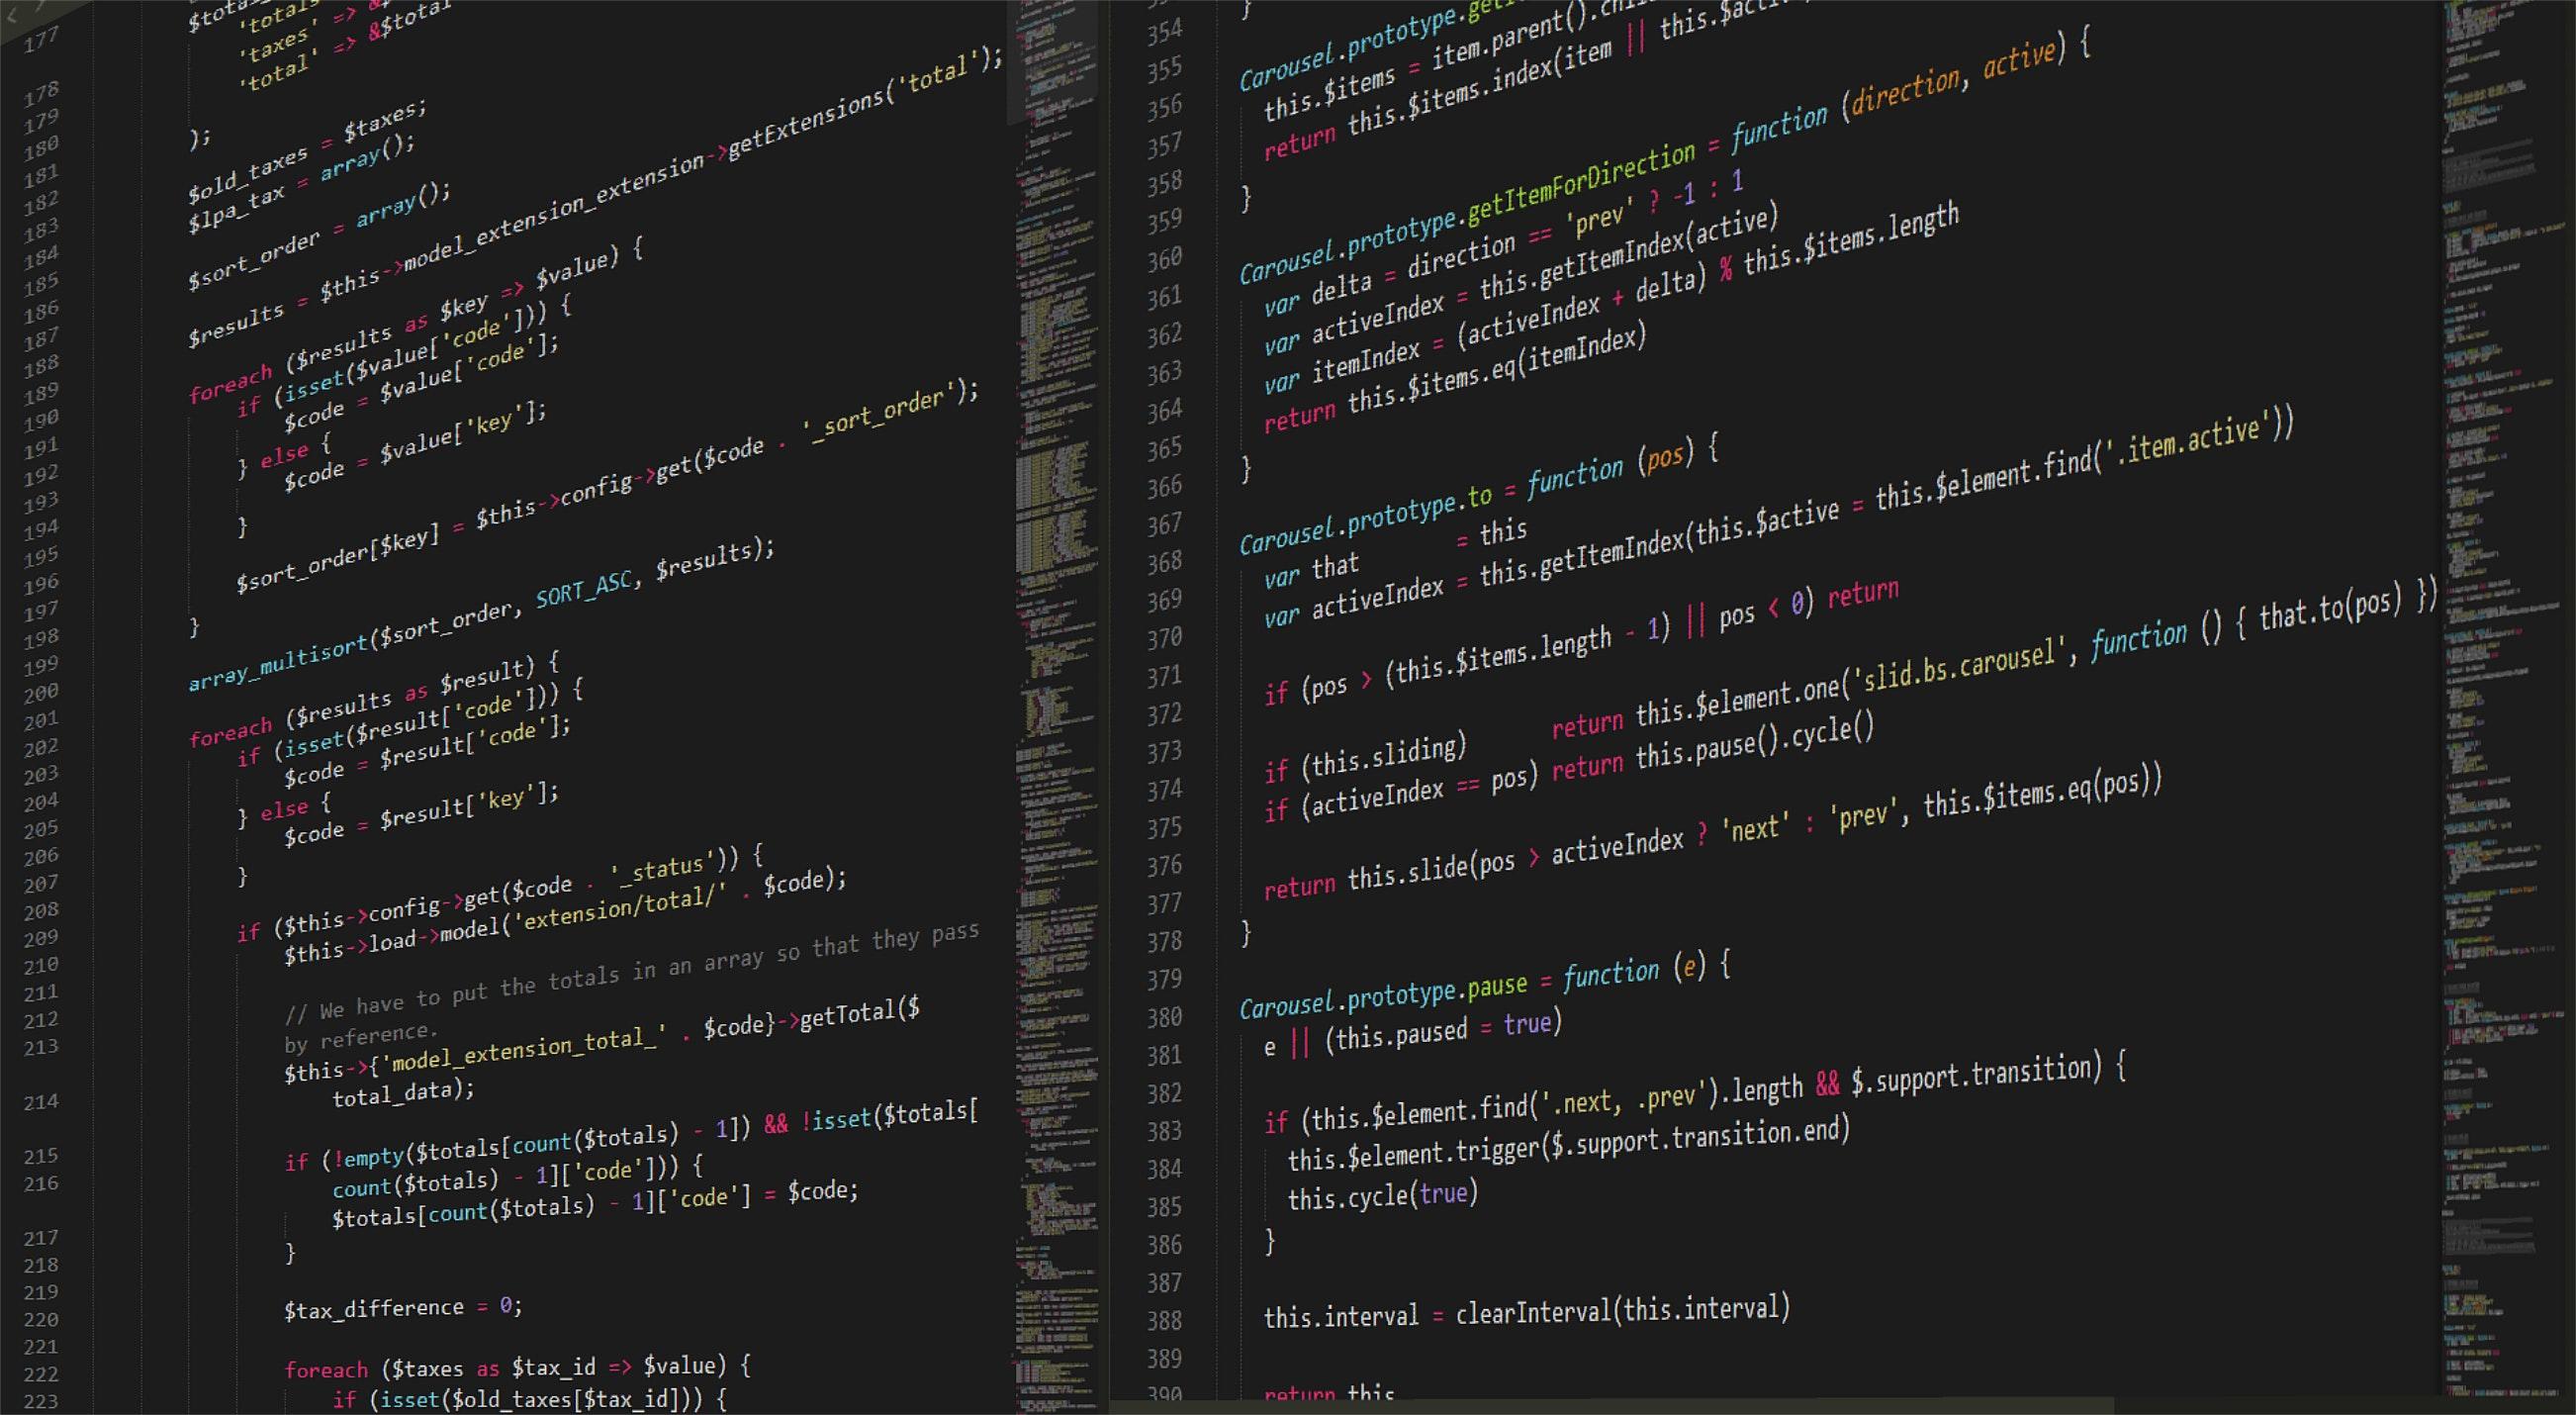 Dockerfileのbuild時にgit labのプライベートリポジトリをgit cloneする